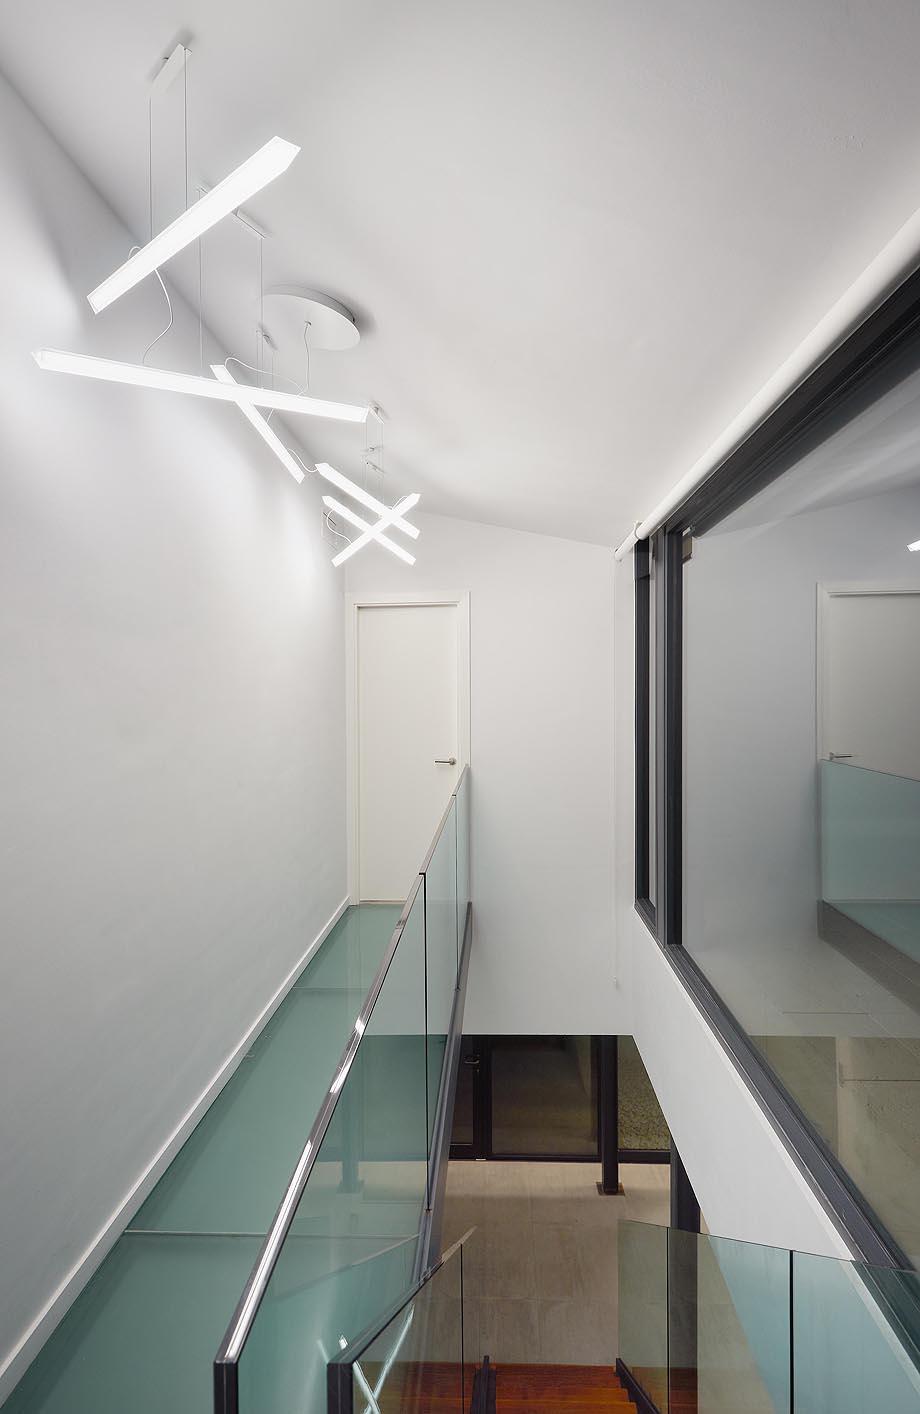 casa gv13 minimal studio (35)